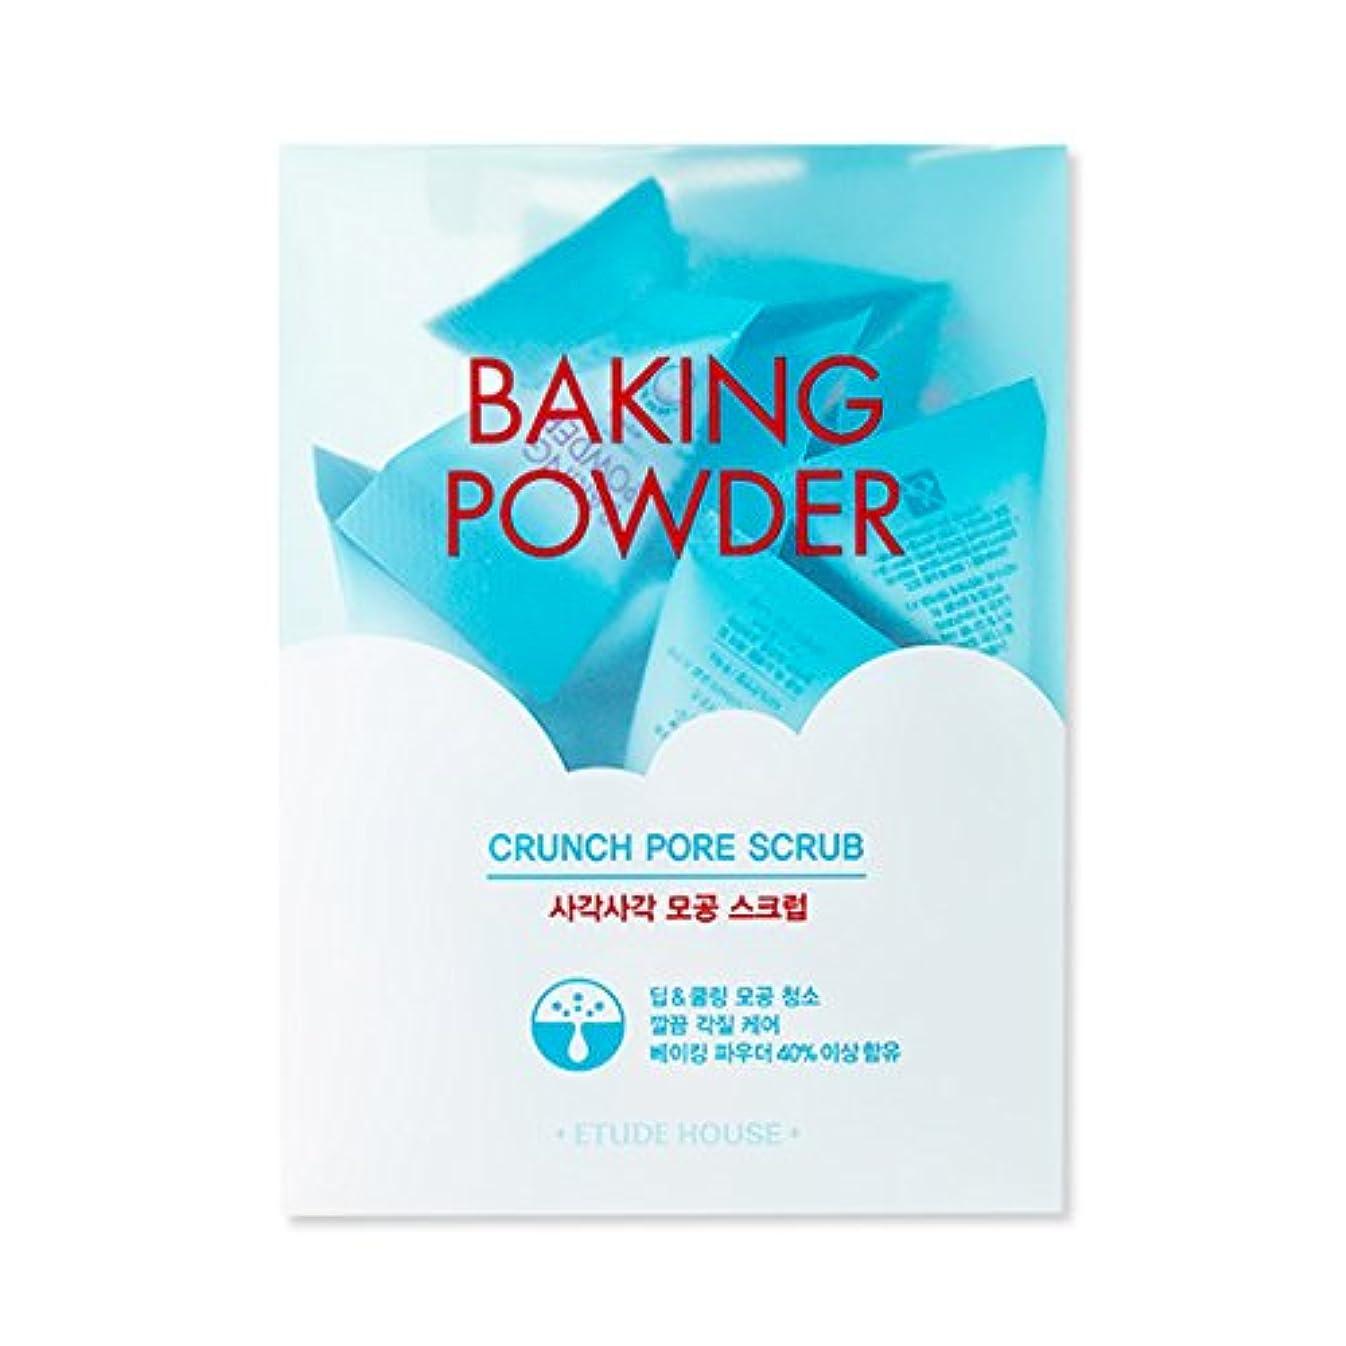 サスティーン不正光[2016 Upgrade!] ETUDE HOUSE Baking Powder Crunch Pore Scrub 7g×24ea/エチュードハウス ベーキング パウダー クランチ ポア スクラブ 7g×24ea [...